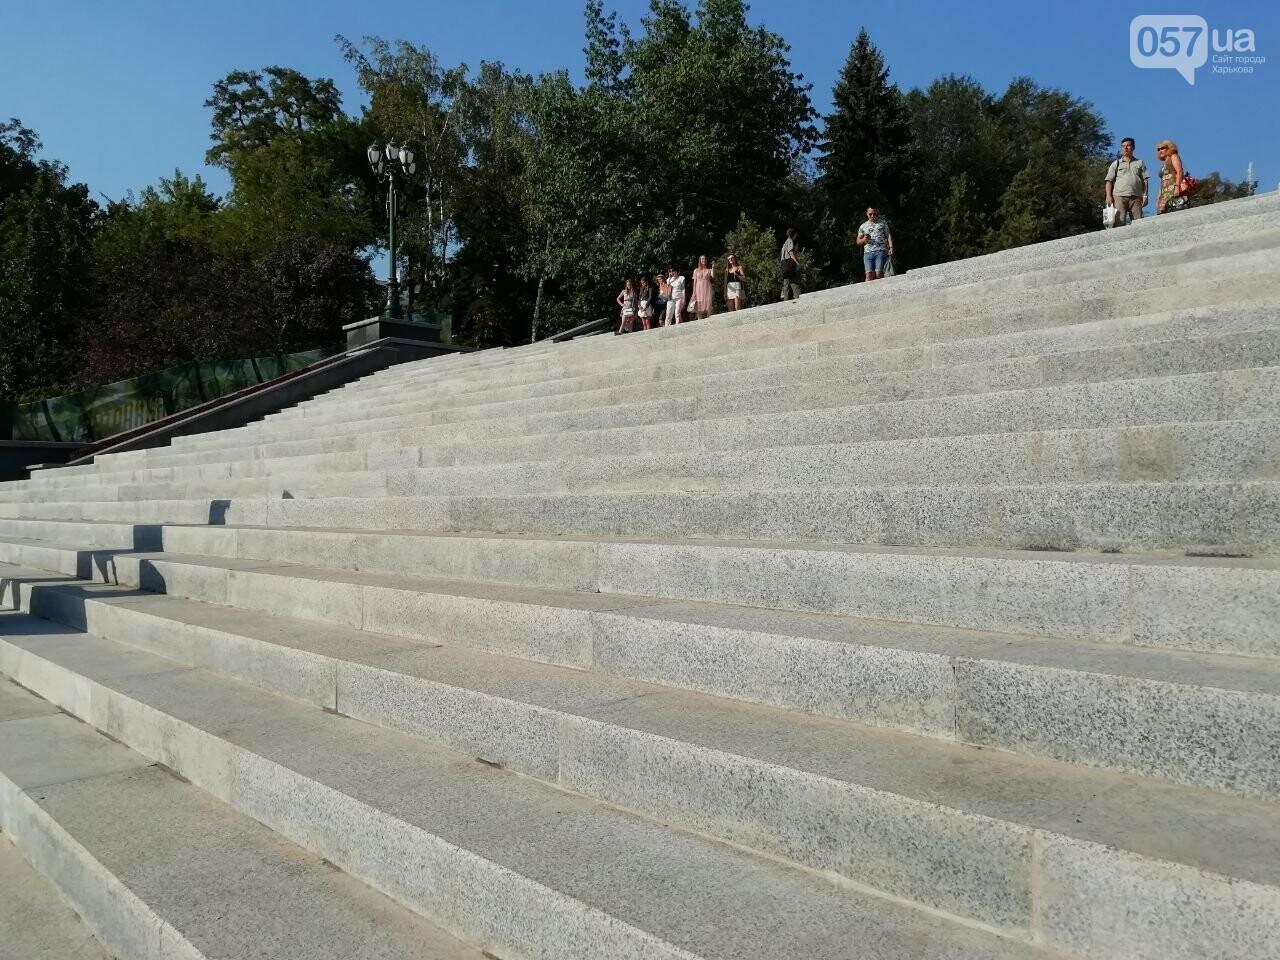 В центре Харькова появился новый фонтан и «Каскад» после реконструкции, - ФОТО, фото-10